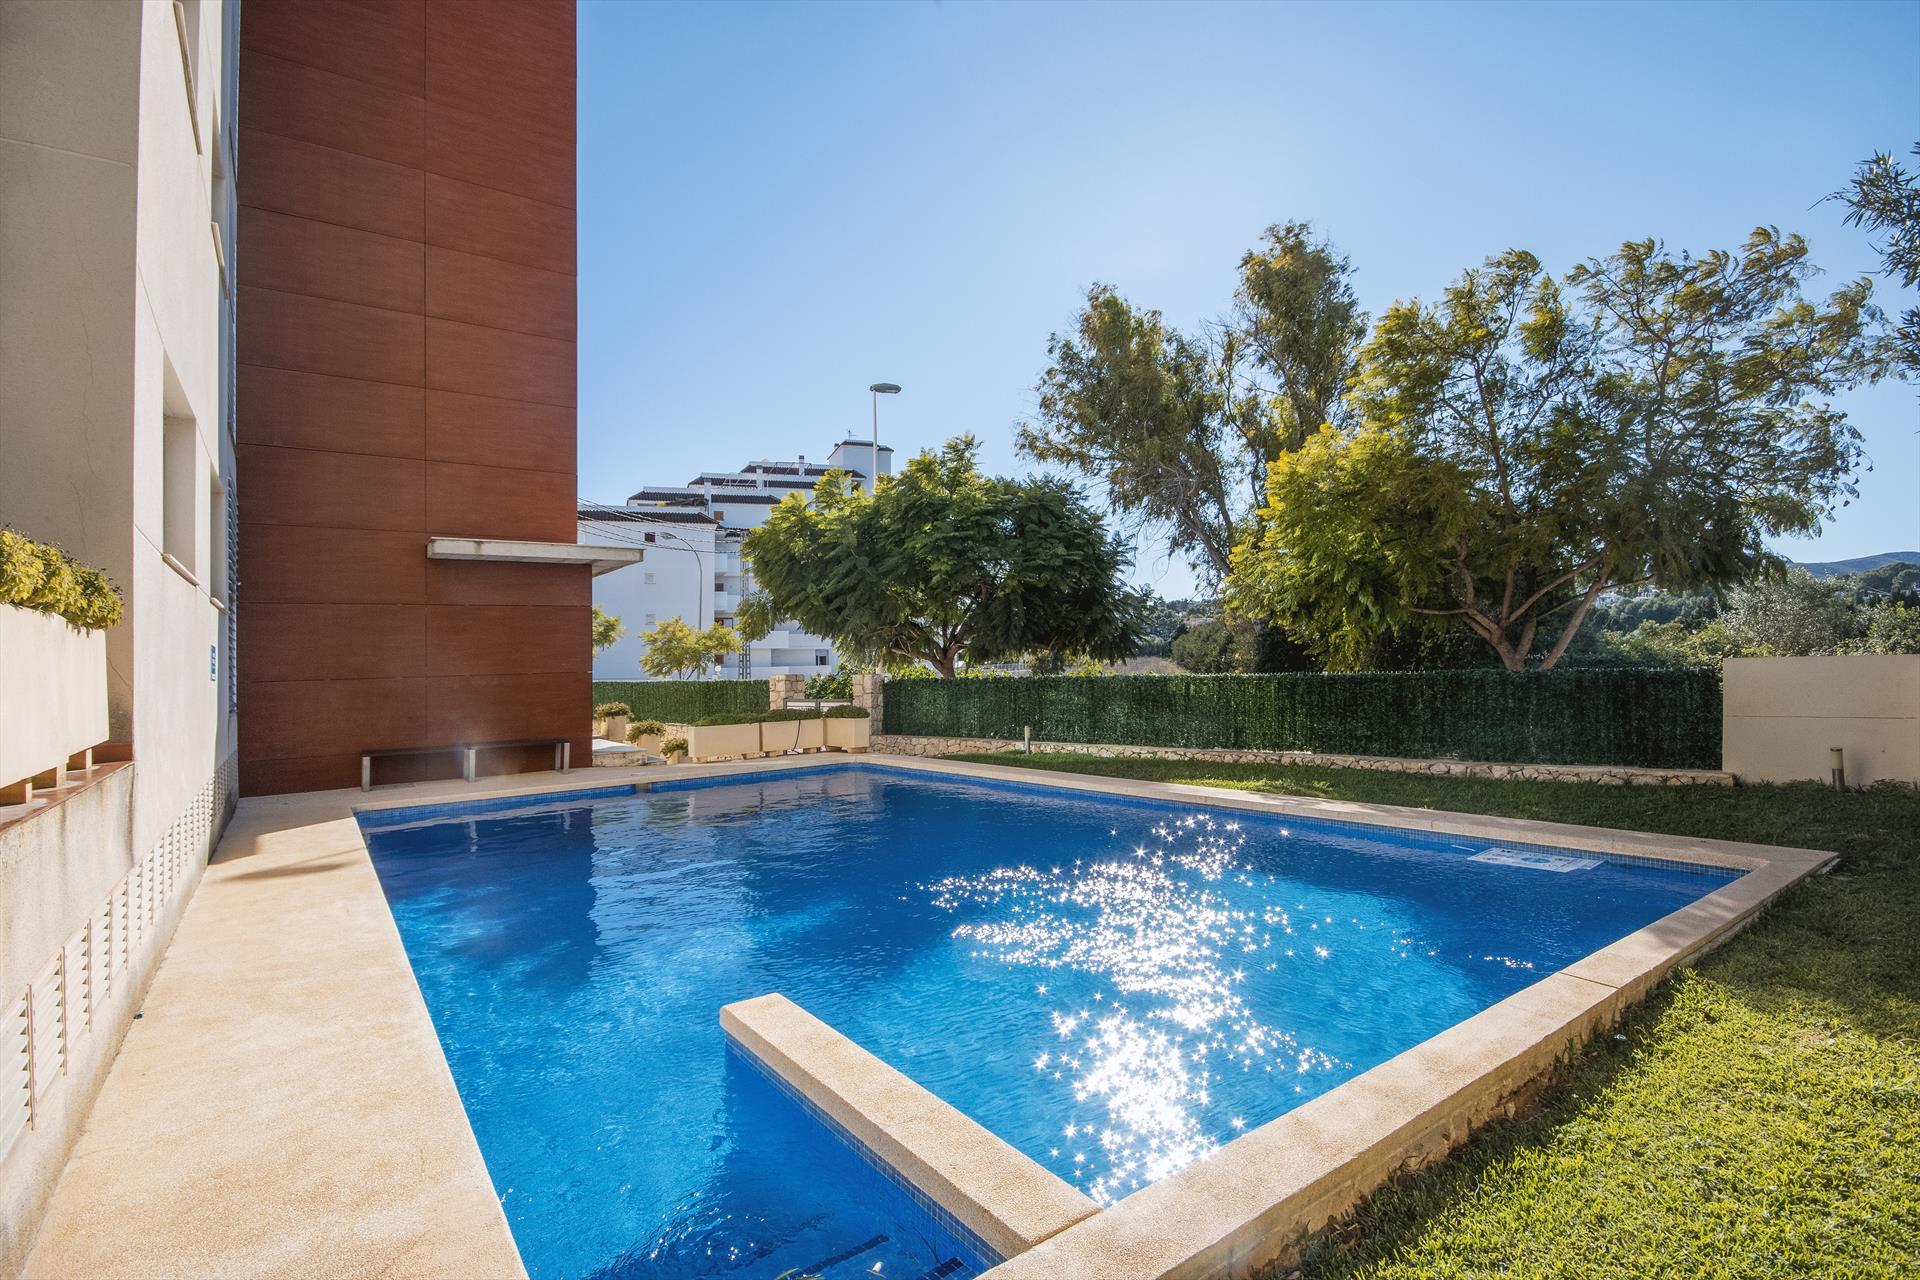 Kiale,Прекрасный, уютный апартамент  с общим бассейном  на 6 человек в Хавии, нa Коста Бланкe, в Испании...